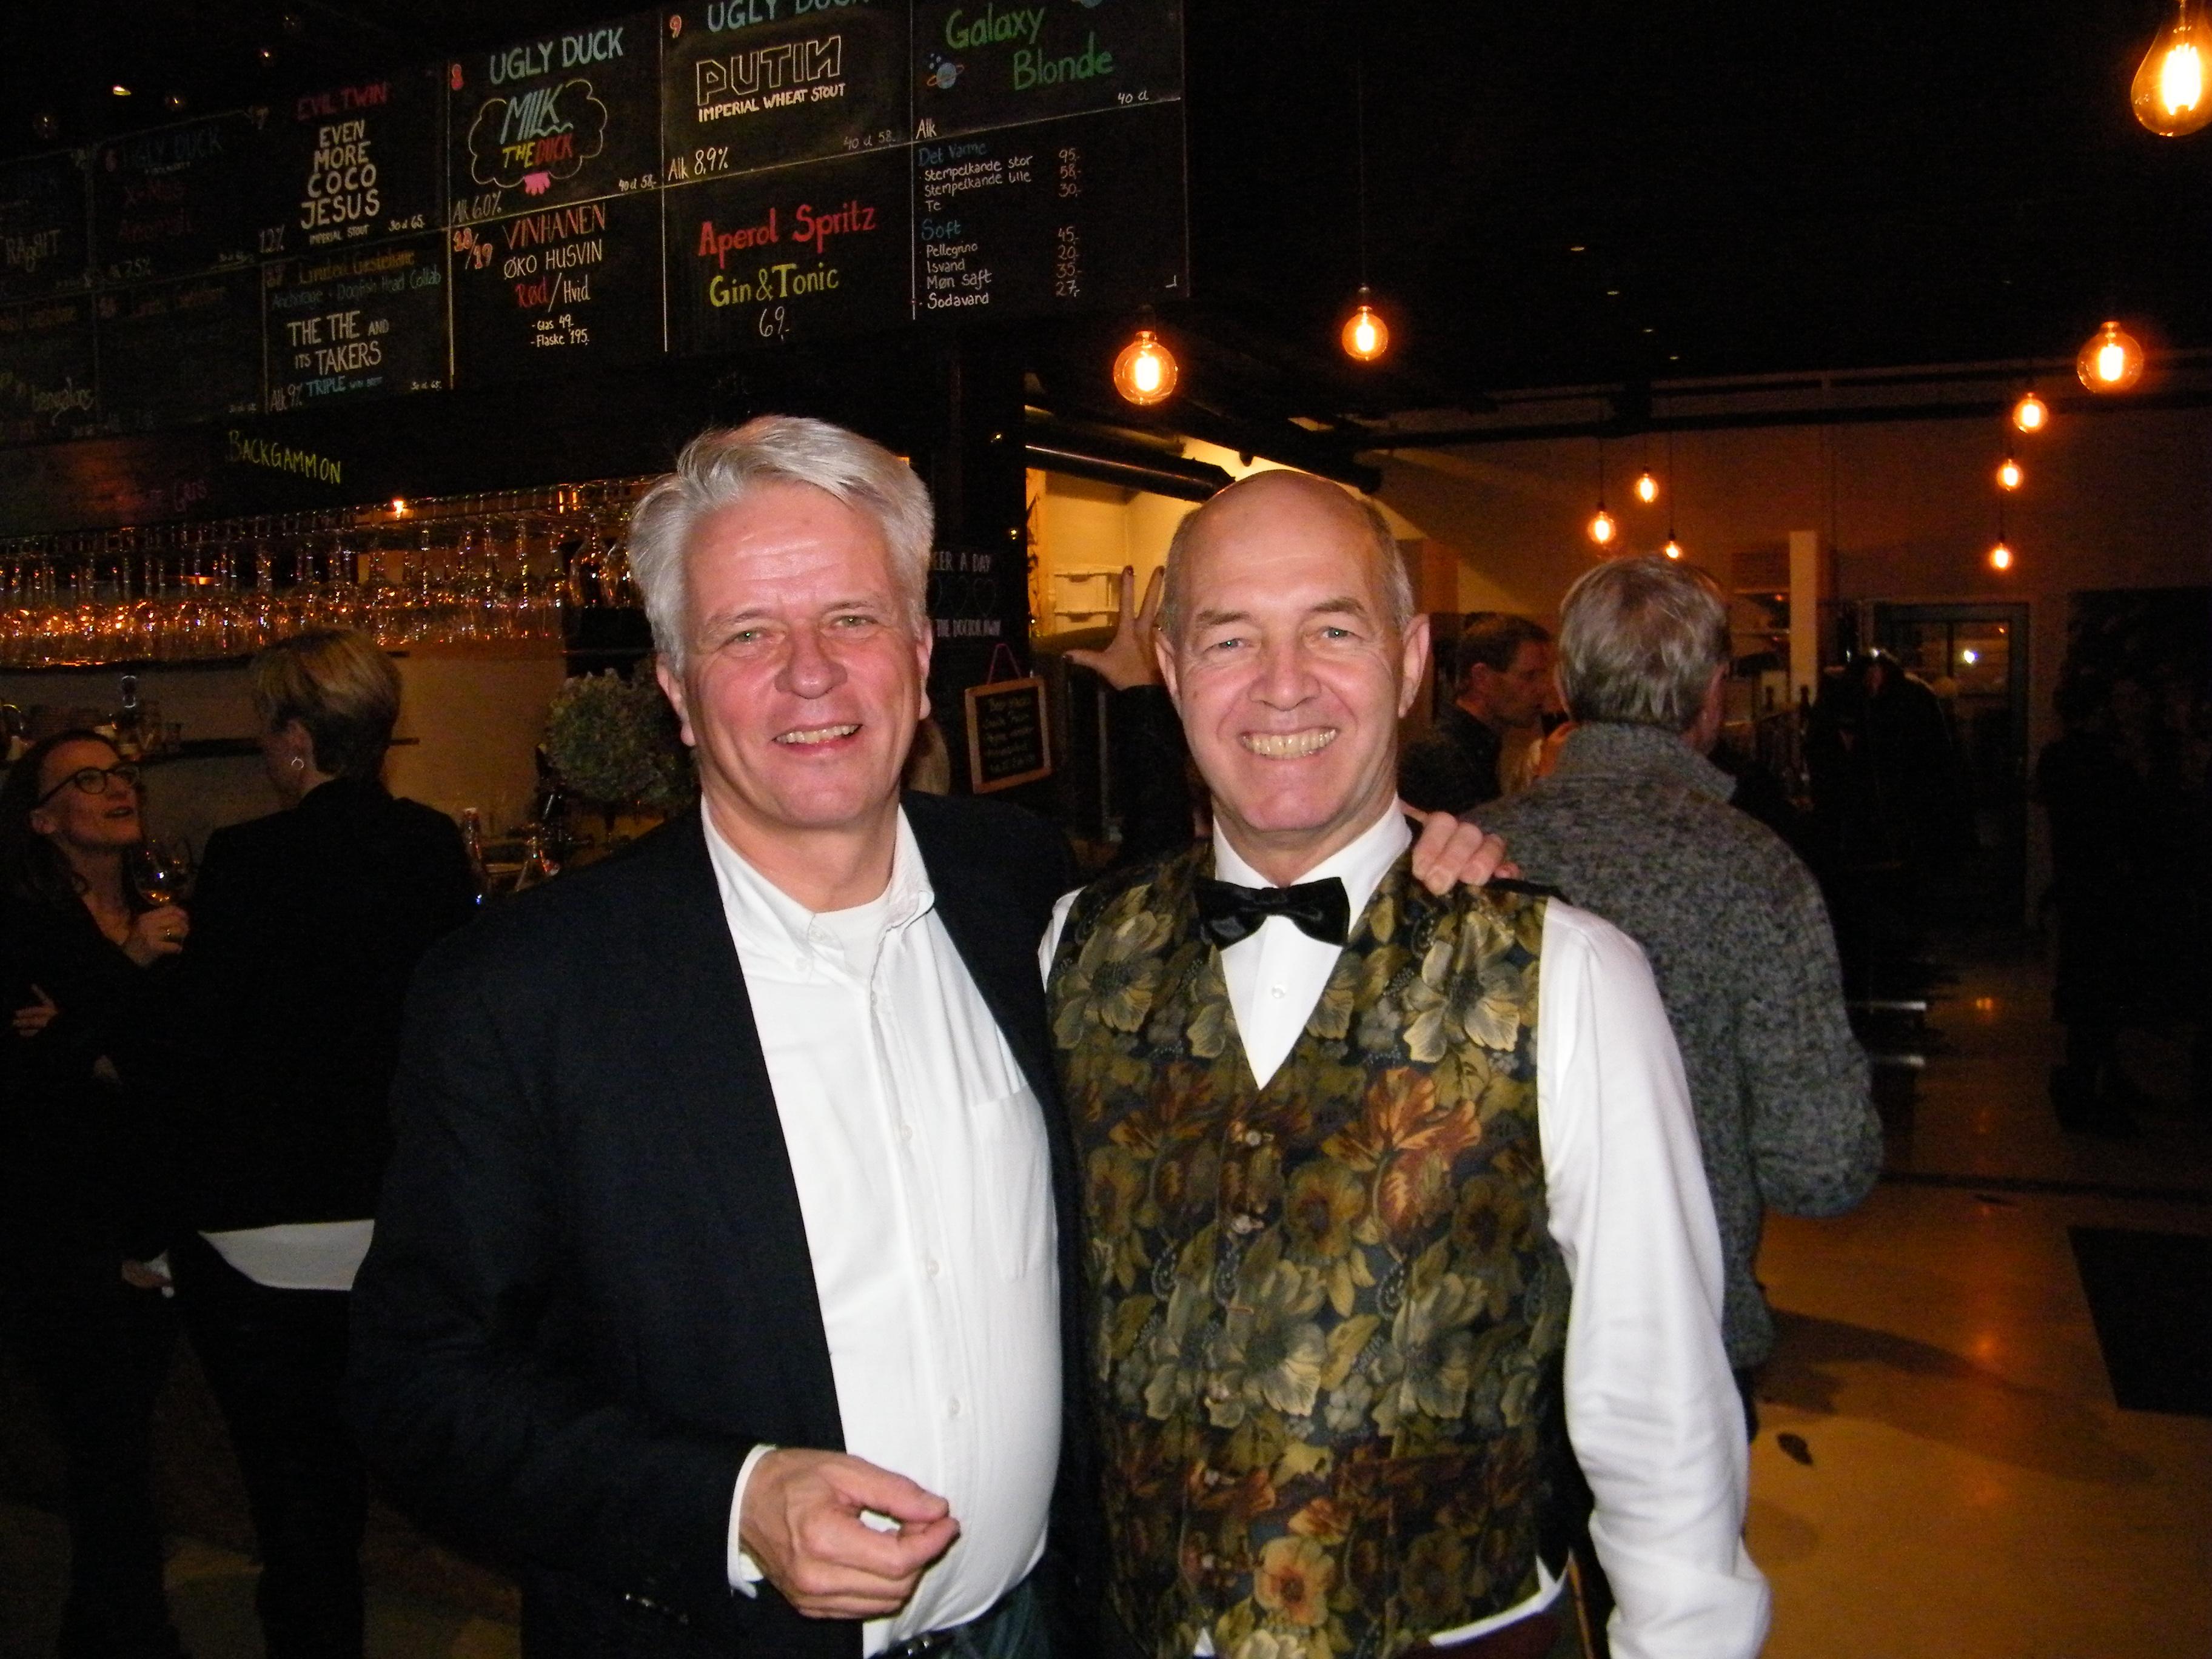 Blandt Per Carøes gratulanter var administrerende direktør for Danmarks Rejsebureau Forening, Lars Thykier, til venstre, der har samarbejdet med fødselaren siden Per Carøe var hos United Airlines og Lars Thykier i SAS. Foto: Henrik Baumgarten.